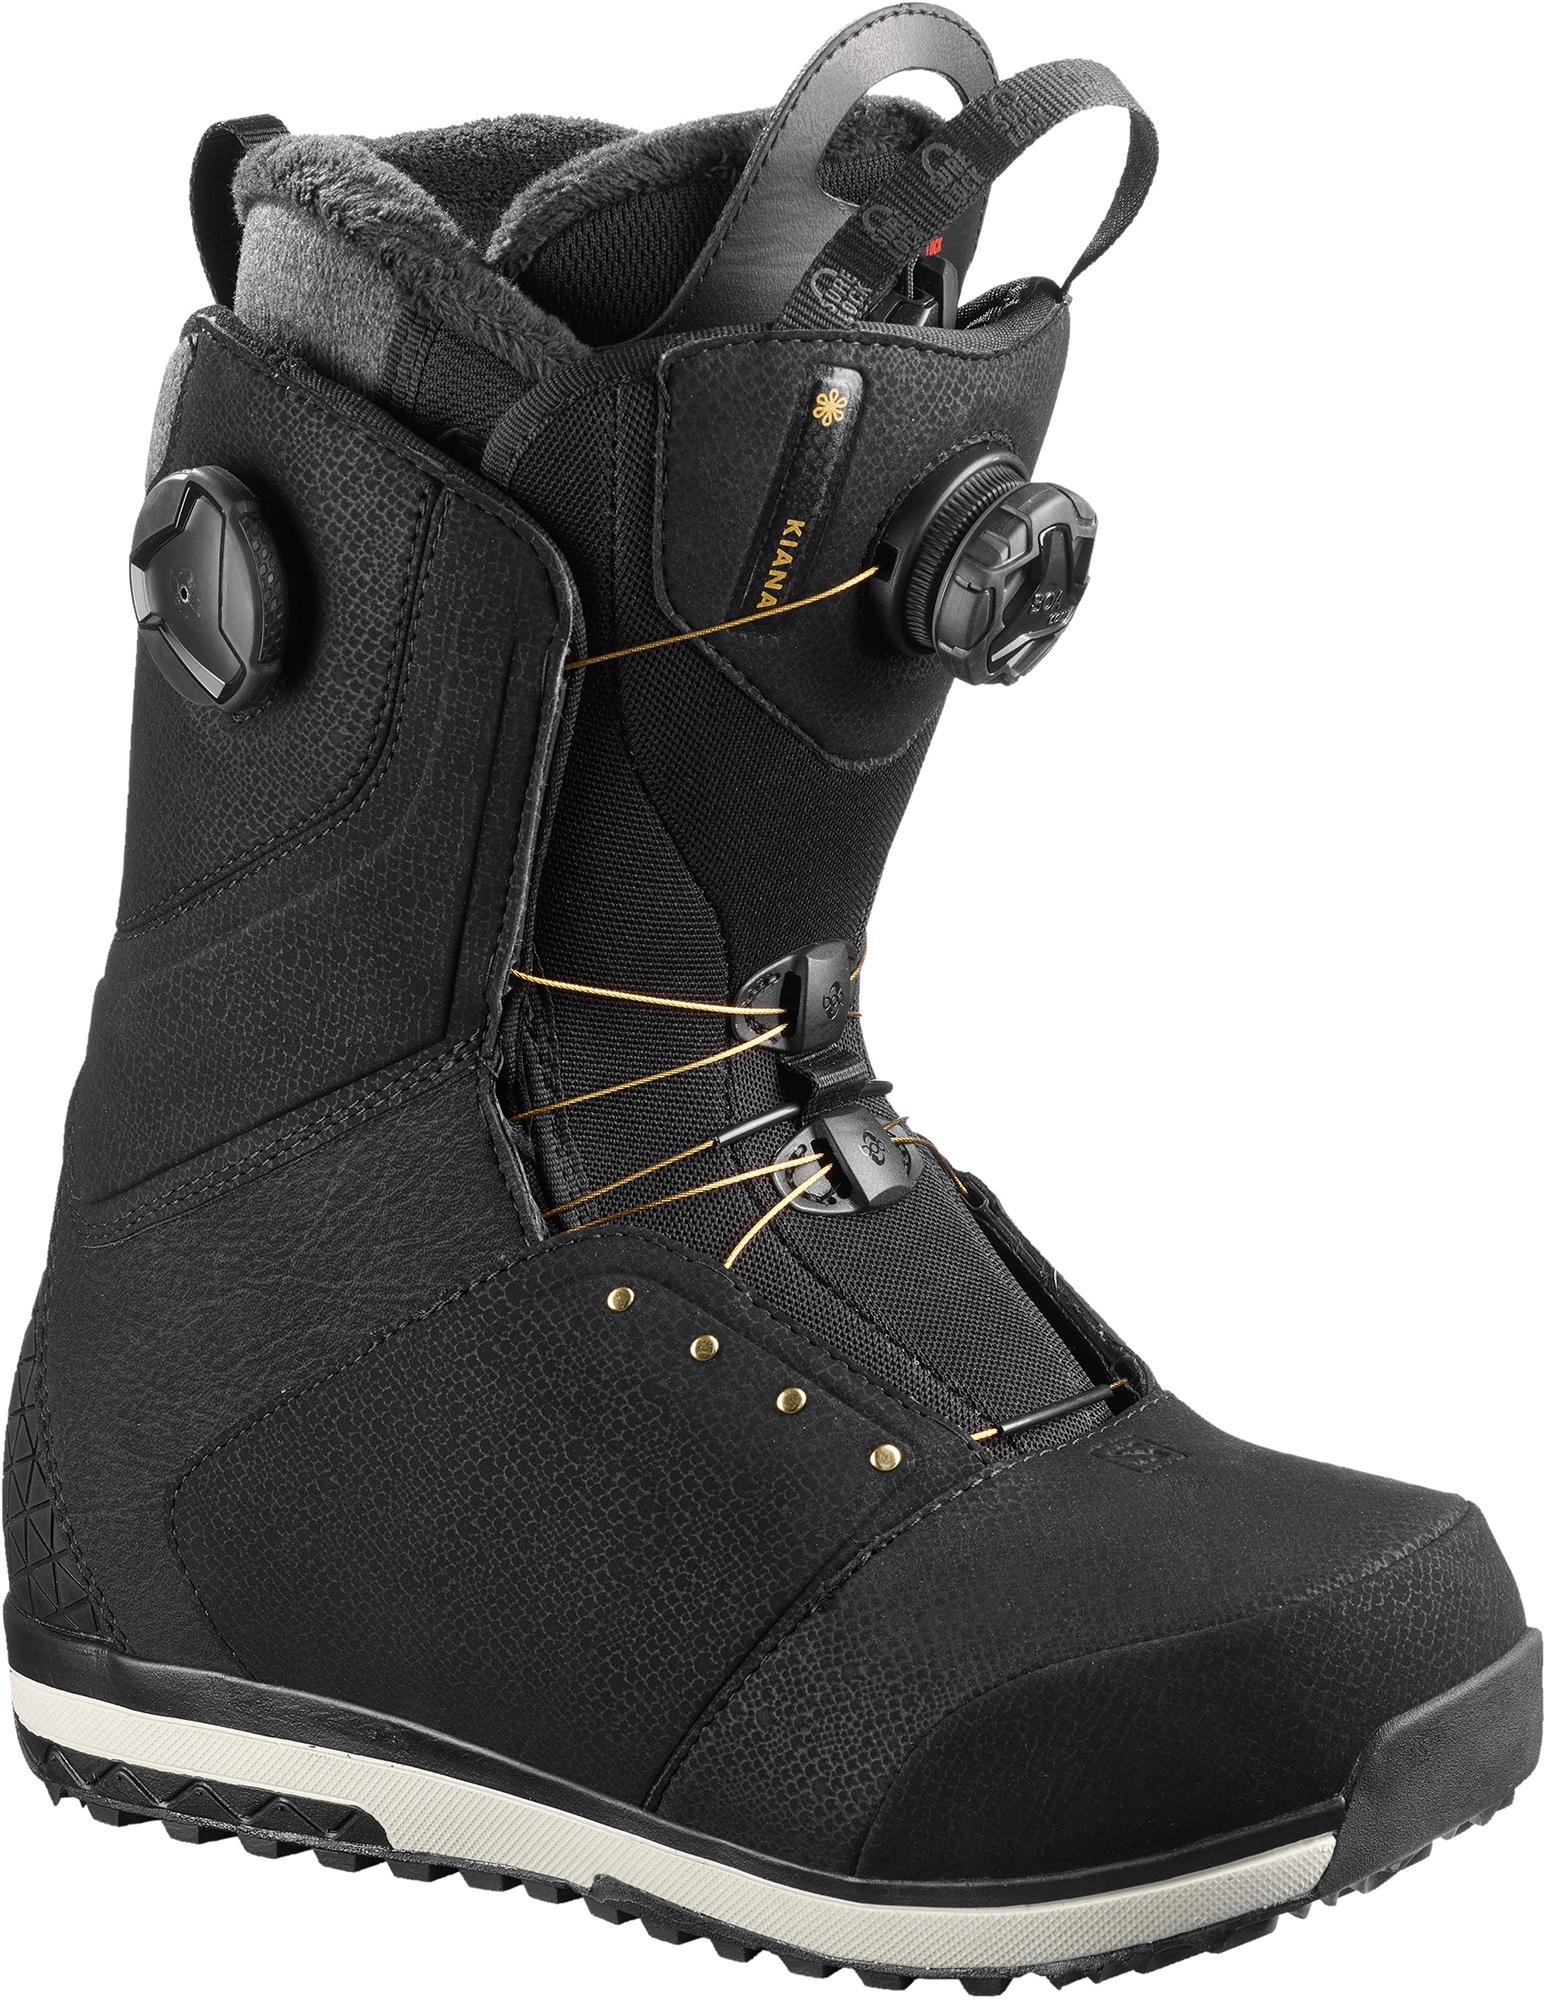 цена Salomon Сноубордические ботинки женские Salomon Kiana Focus Boa, размер 37 онлайн в 2017 году